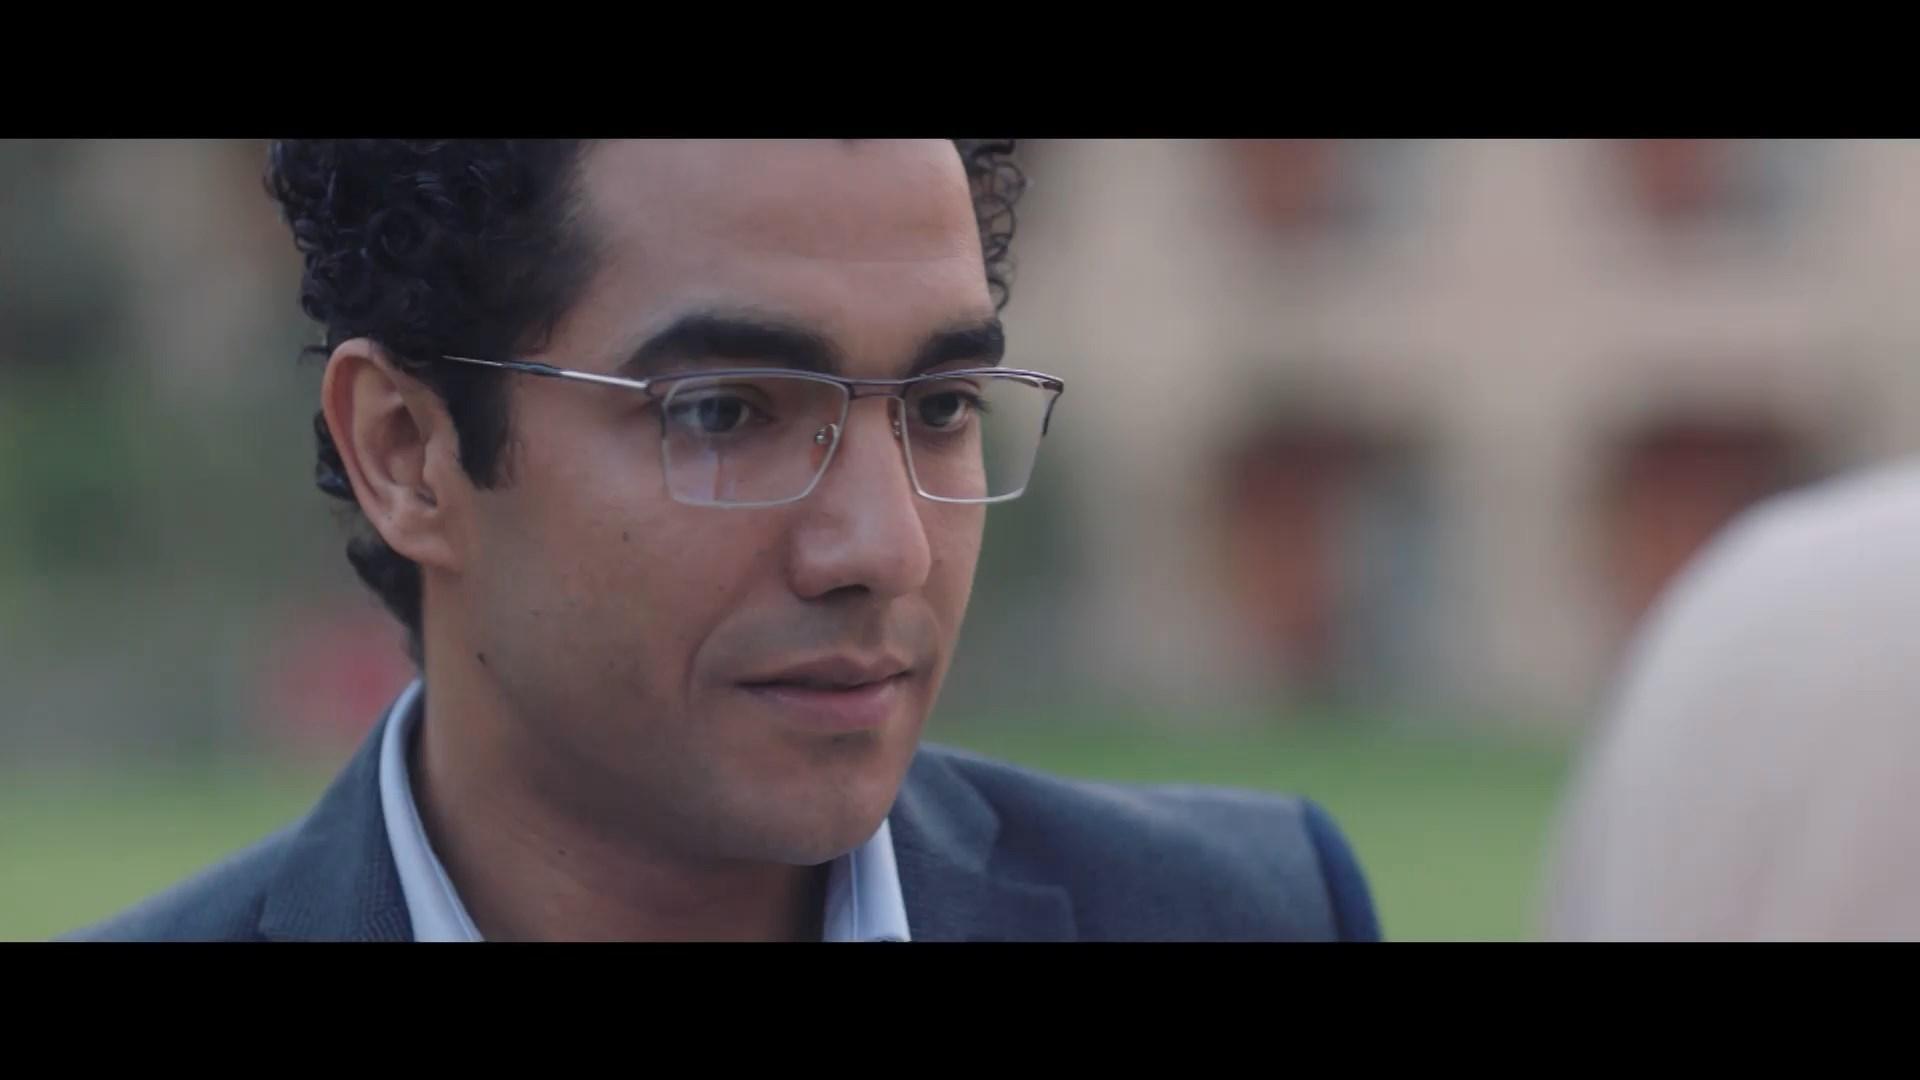 مسلسل إلا أنا حكاية أمر شخصي الحلقة الثالثة (2020) 1080p تحميل تورنت 2 arabp2p.com